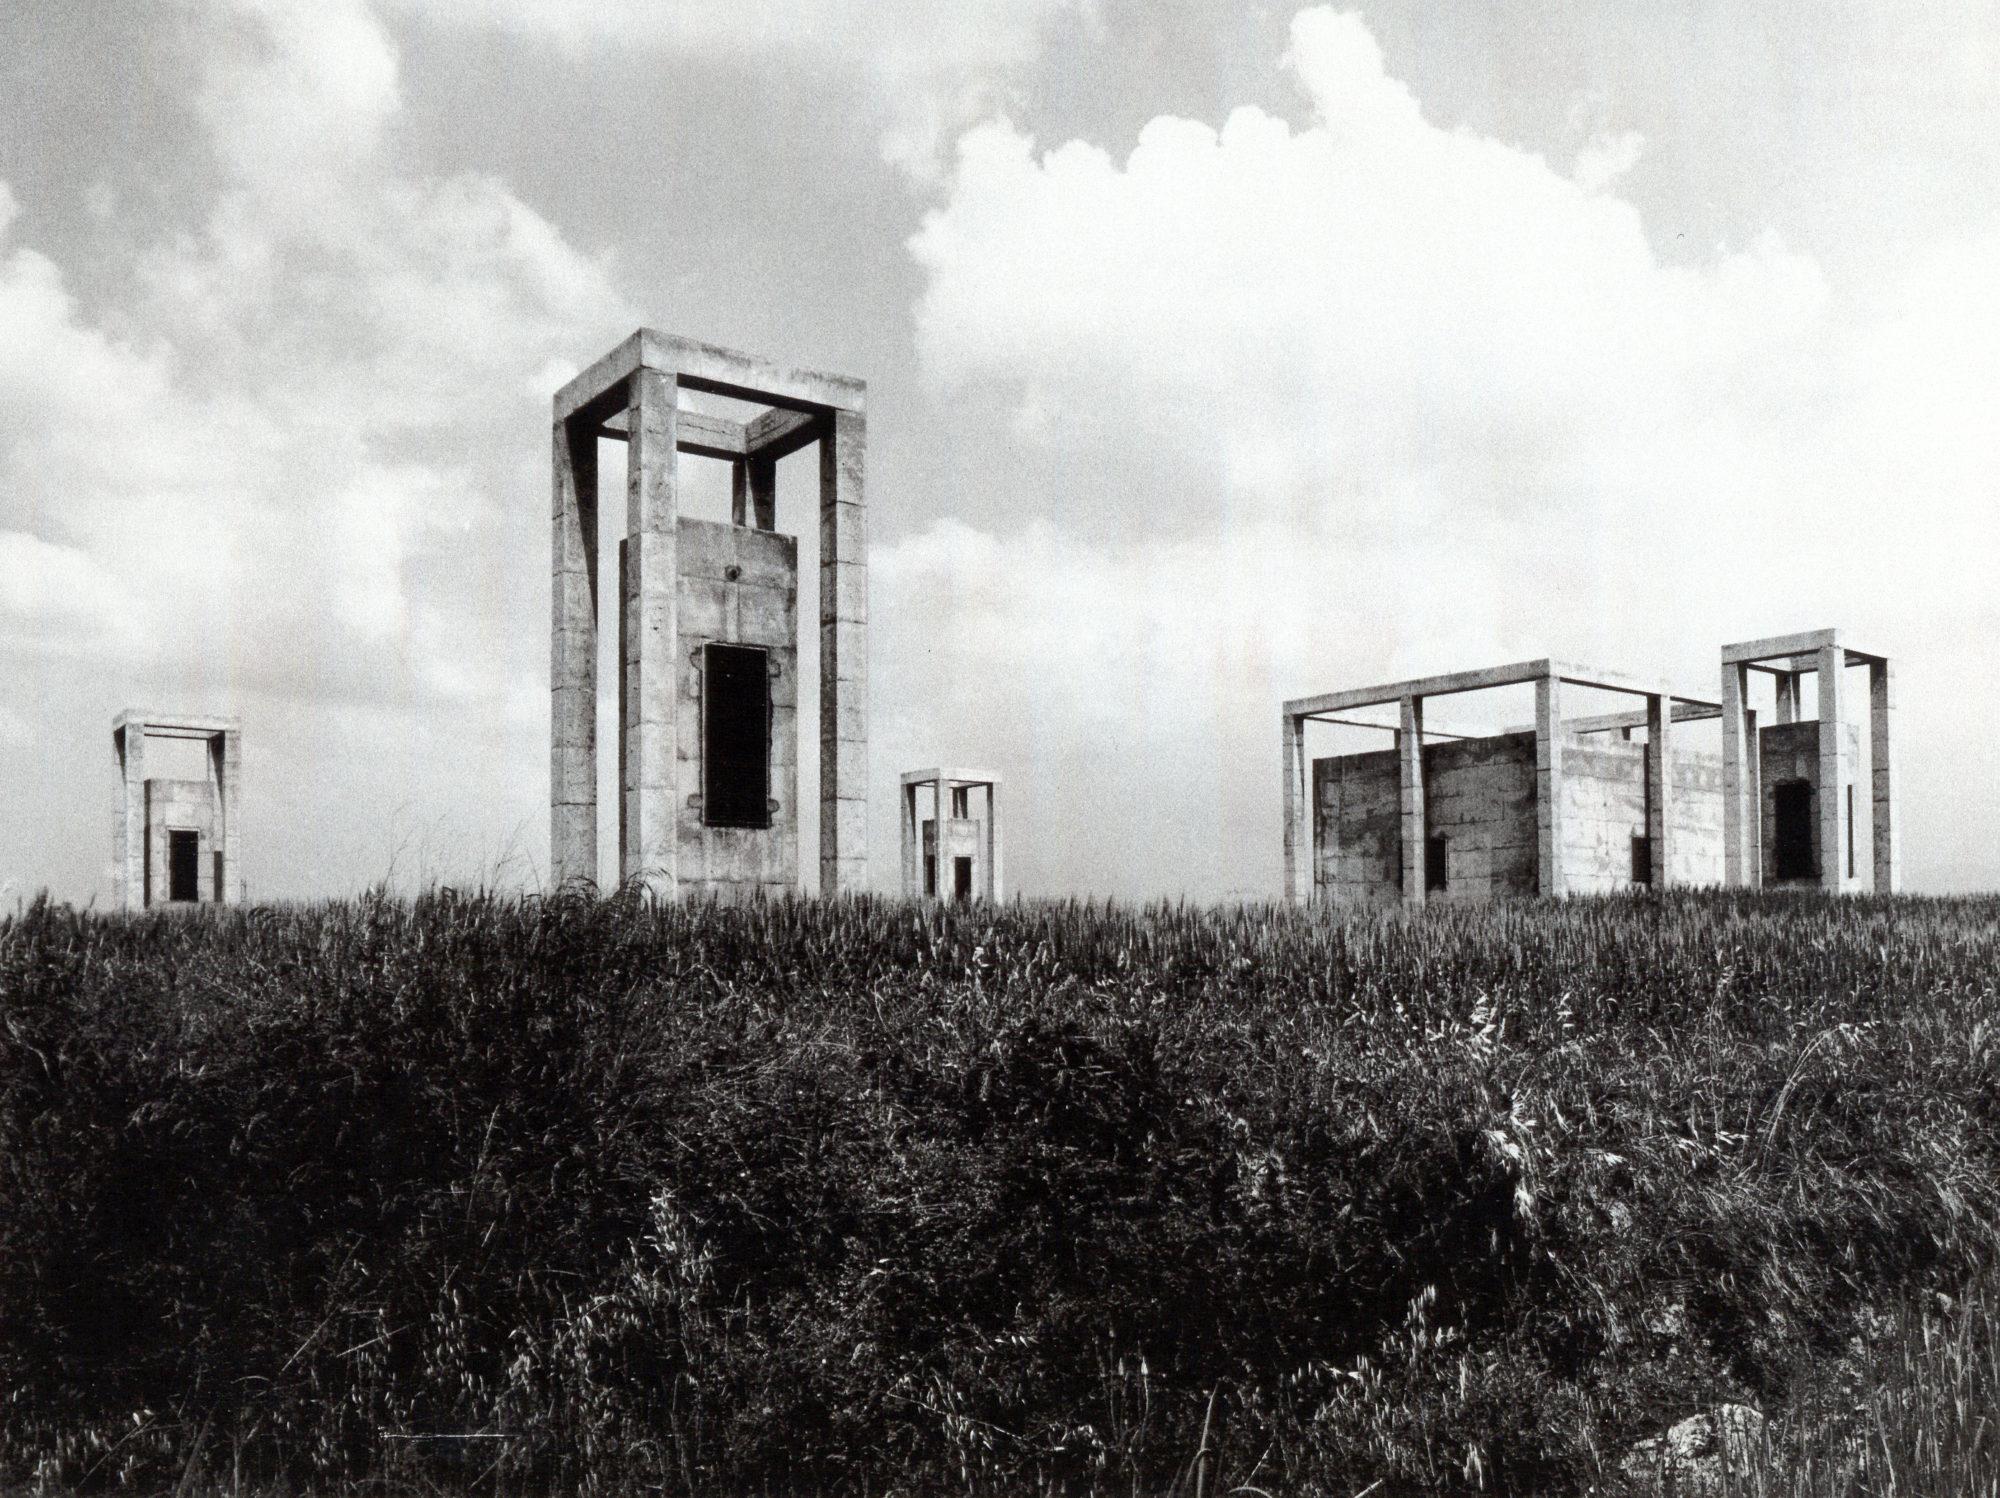 Torretes d'accés i ventilació d'un dipòsit d'aigua subterrani - Garcés - de Seta - Bonet